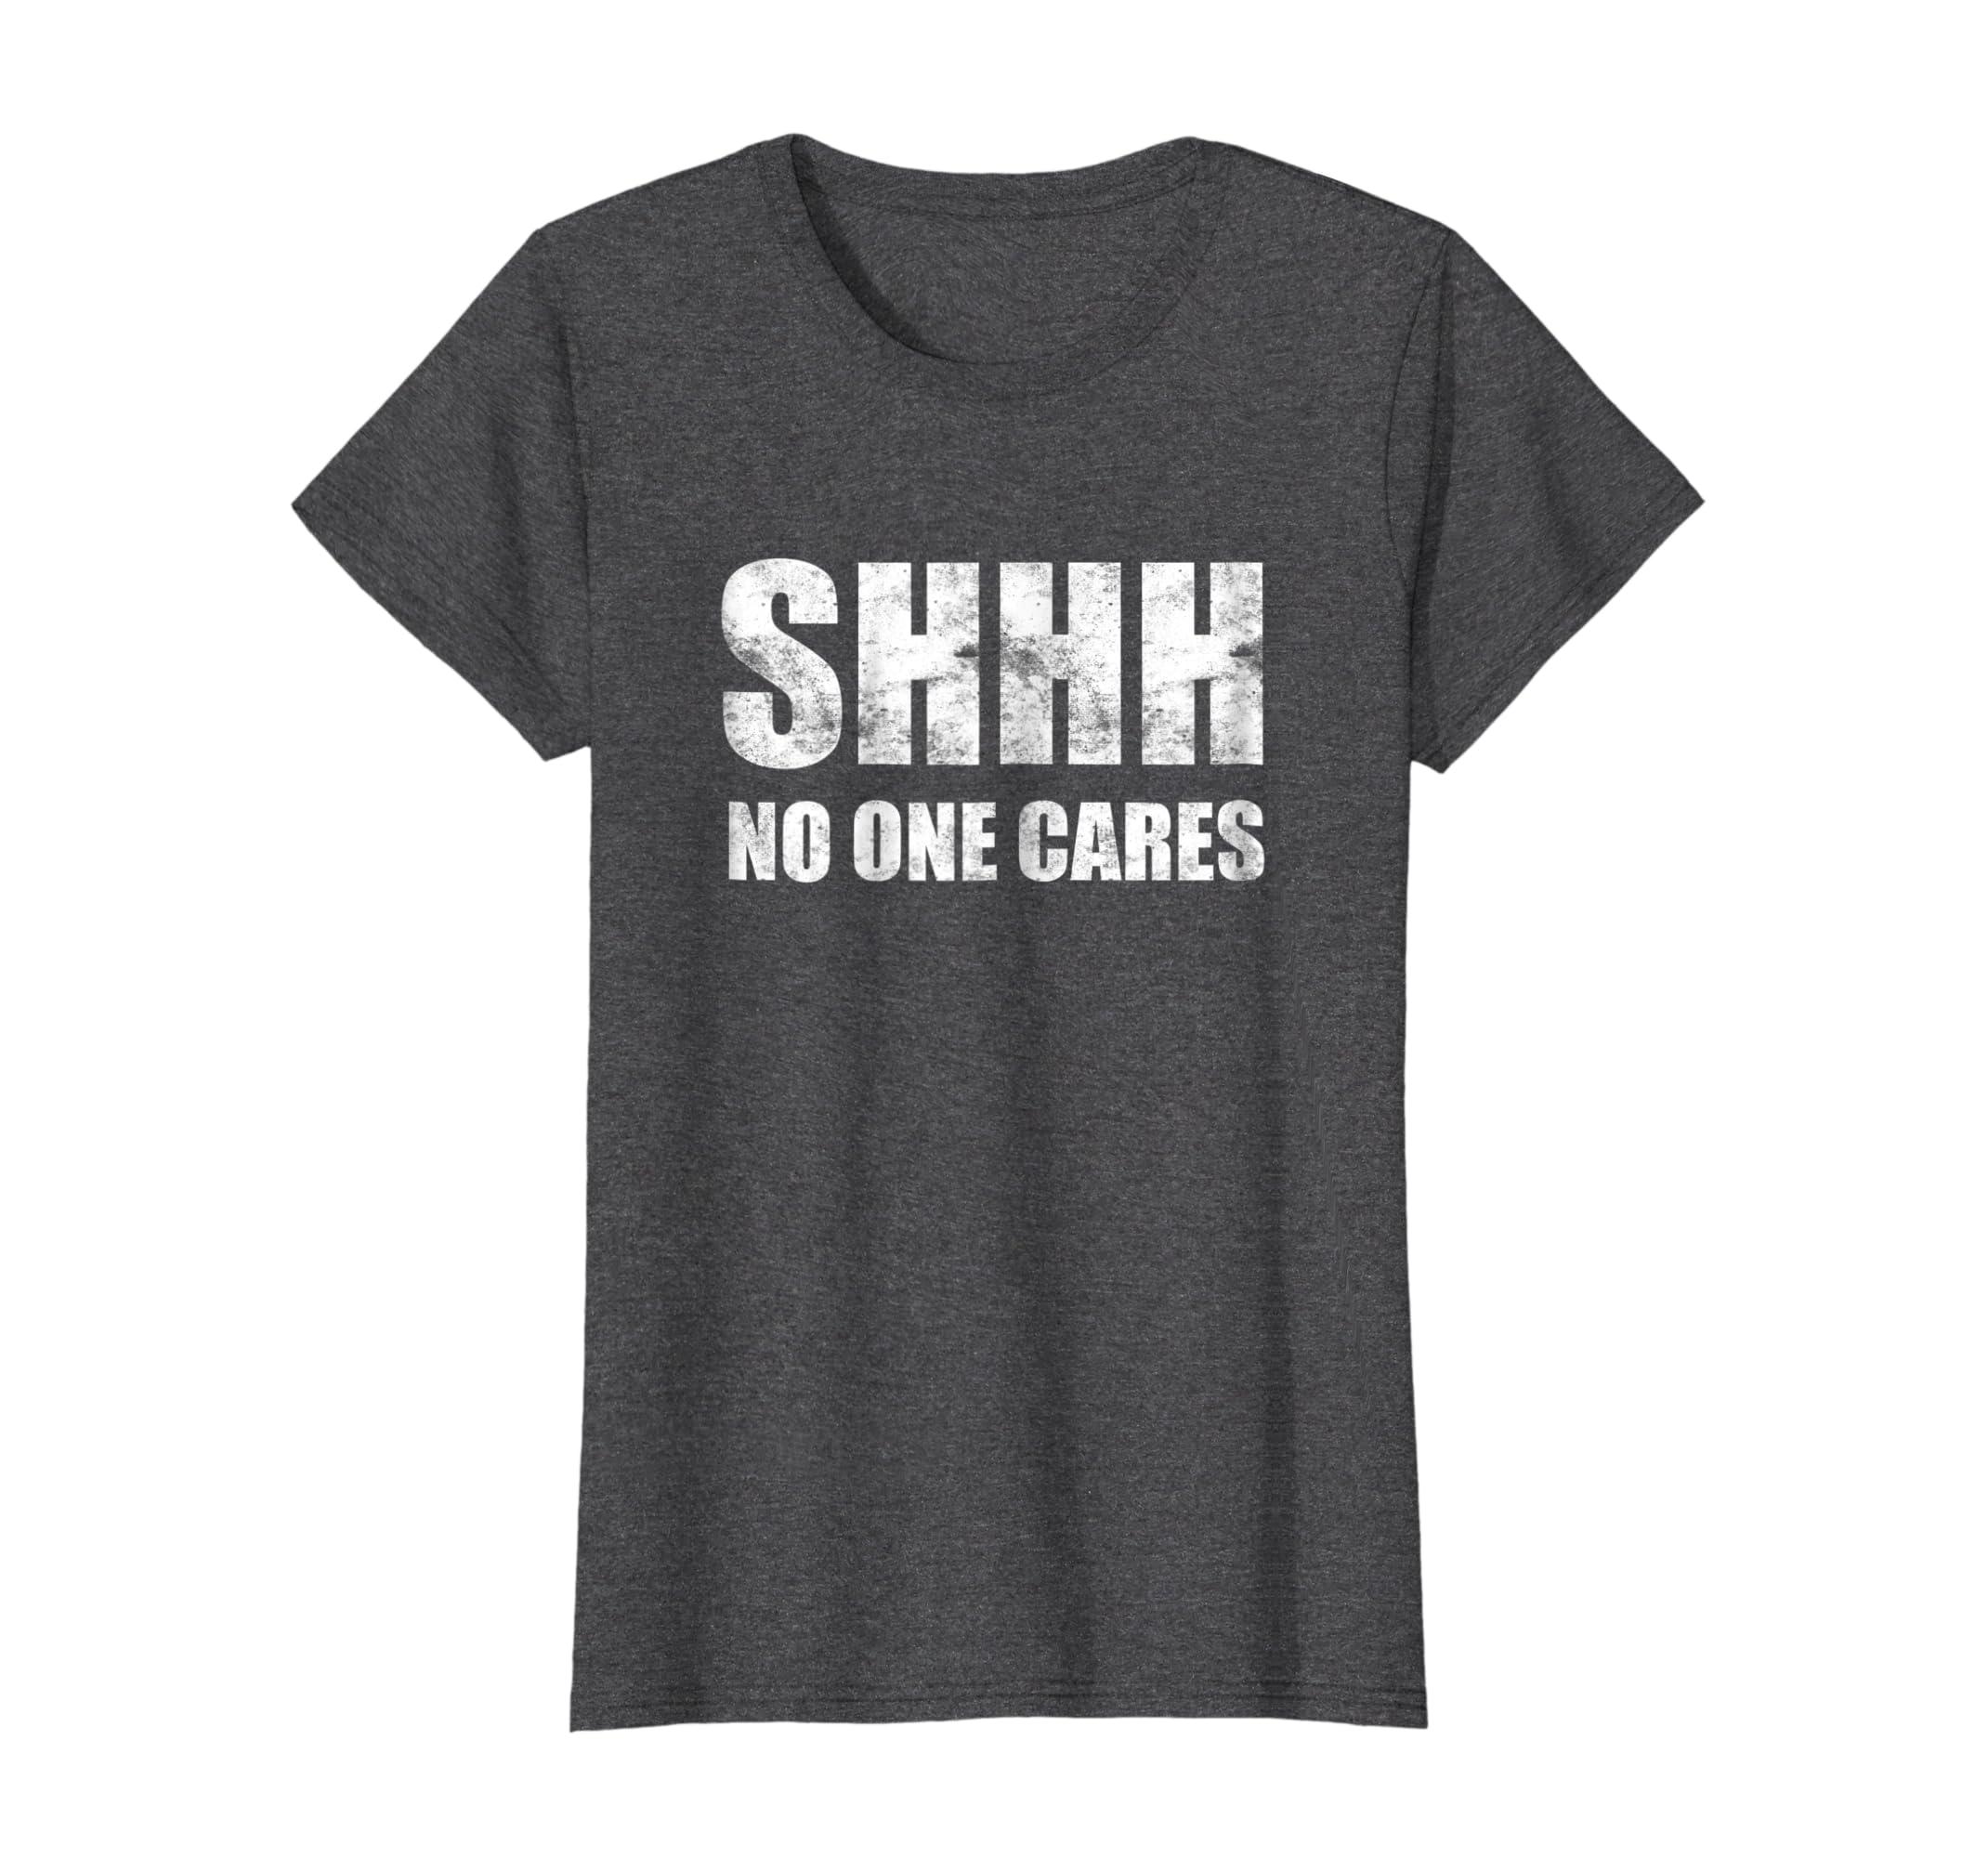 3b8a1e2b743 Amazon.com  Shhh No One Cares T-Shirt  Clothing